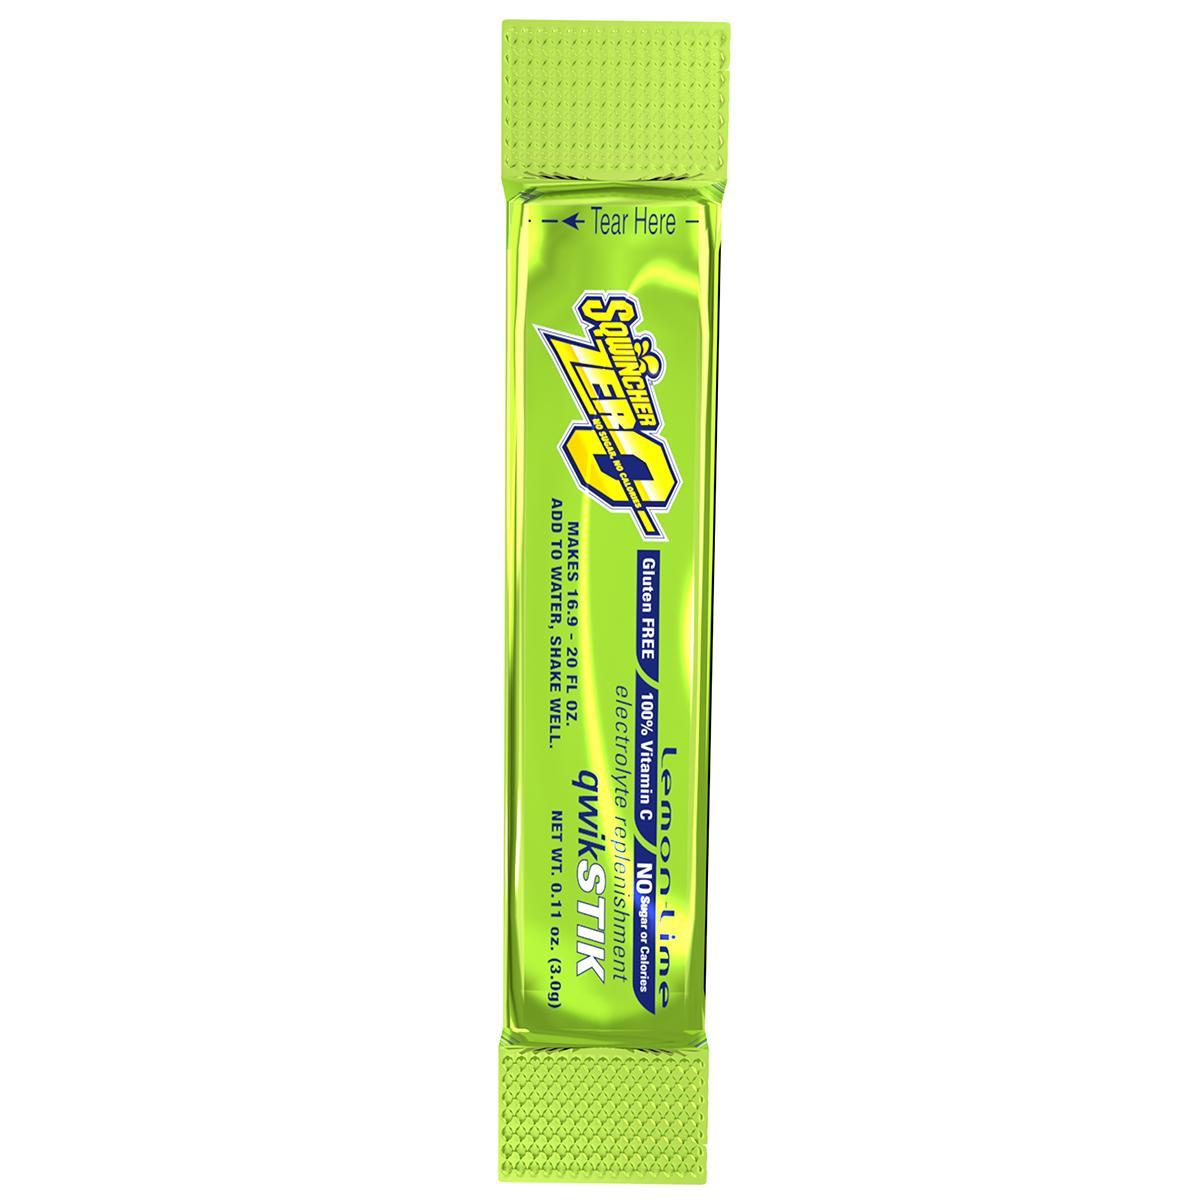 20oz Yield  Powder Single Serve  Zero  Lemon Lime